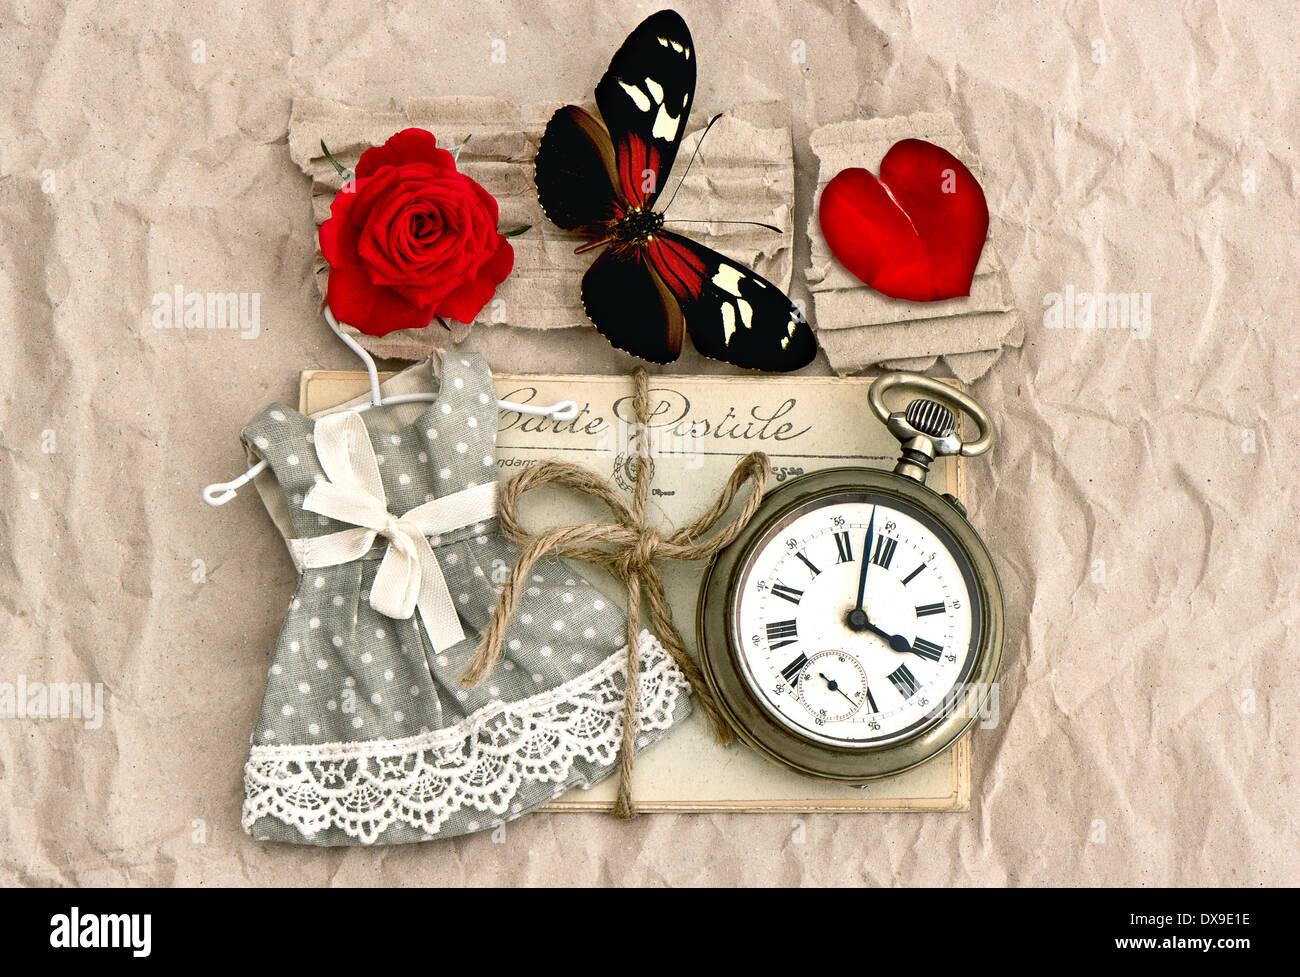 alte Liebe Postkarten und Vintage Uhr, rote rose Blume, Valentine Herz und Schmetterling. nostalgische Romantik Stockbild